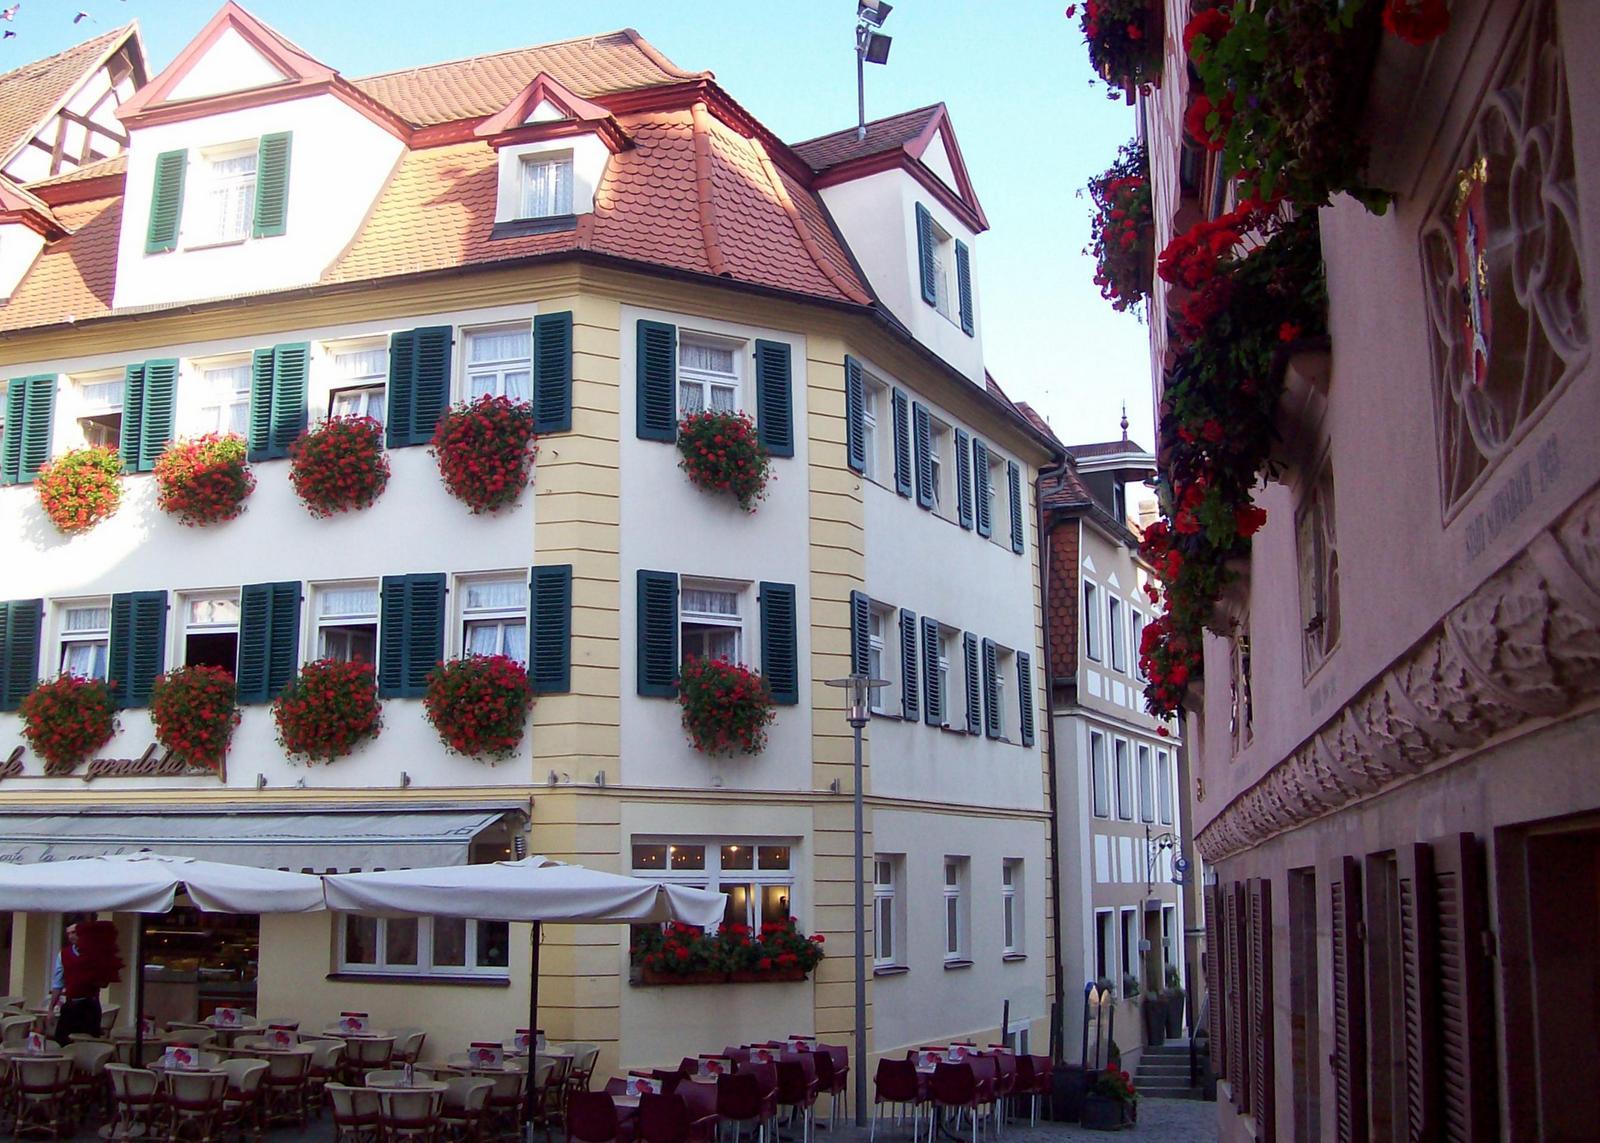 Königsplatz Schwabach